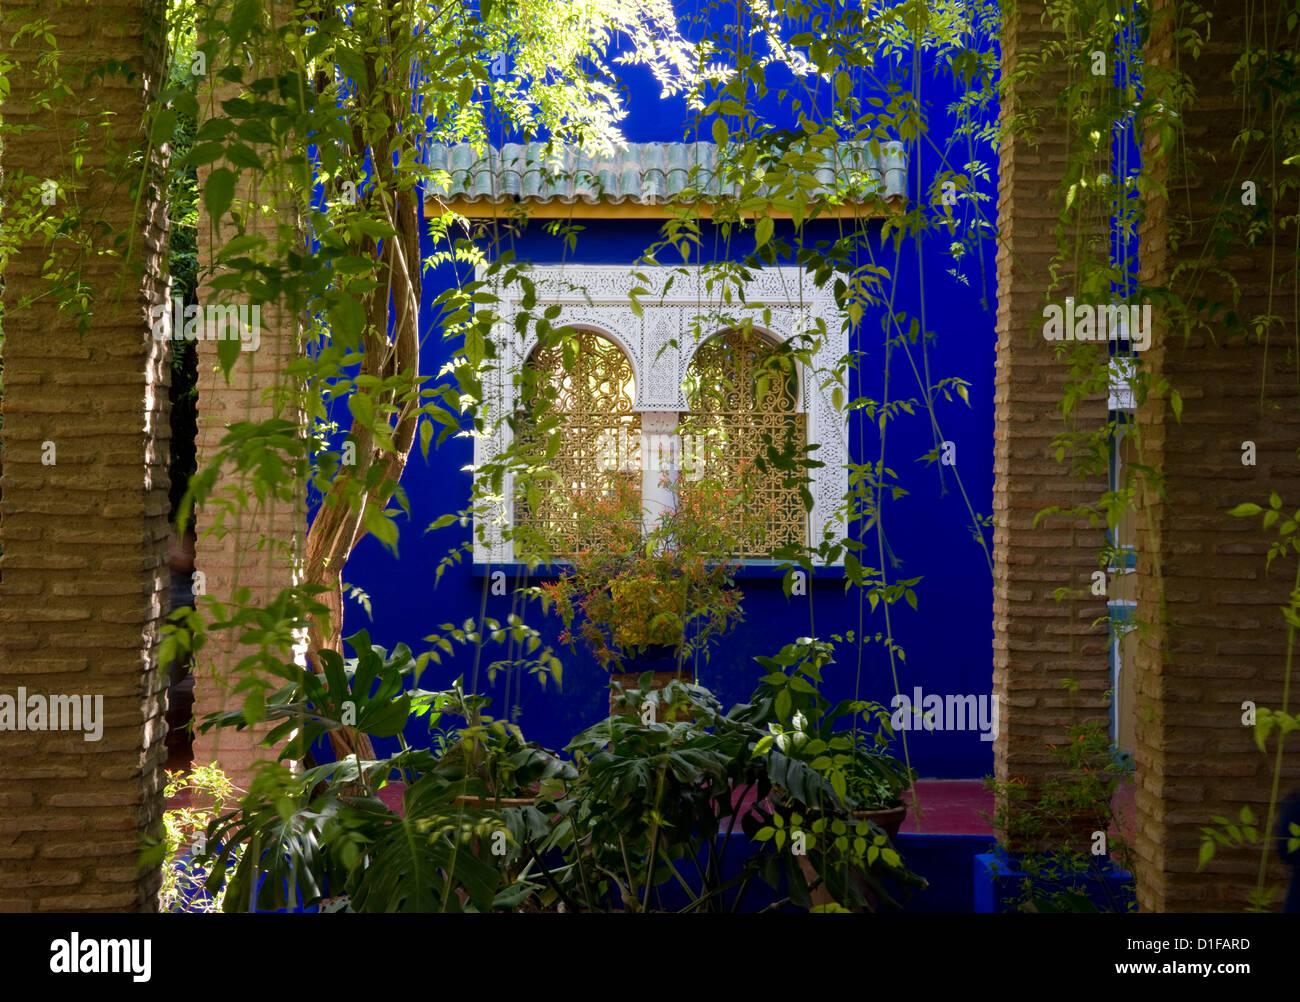 Una vista attraverso una pergola per finestre circondate da pareti blu presso il giardino Majorelle a Marrakech, Immagini Stock